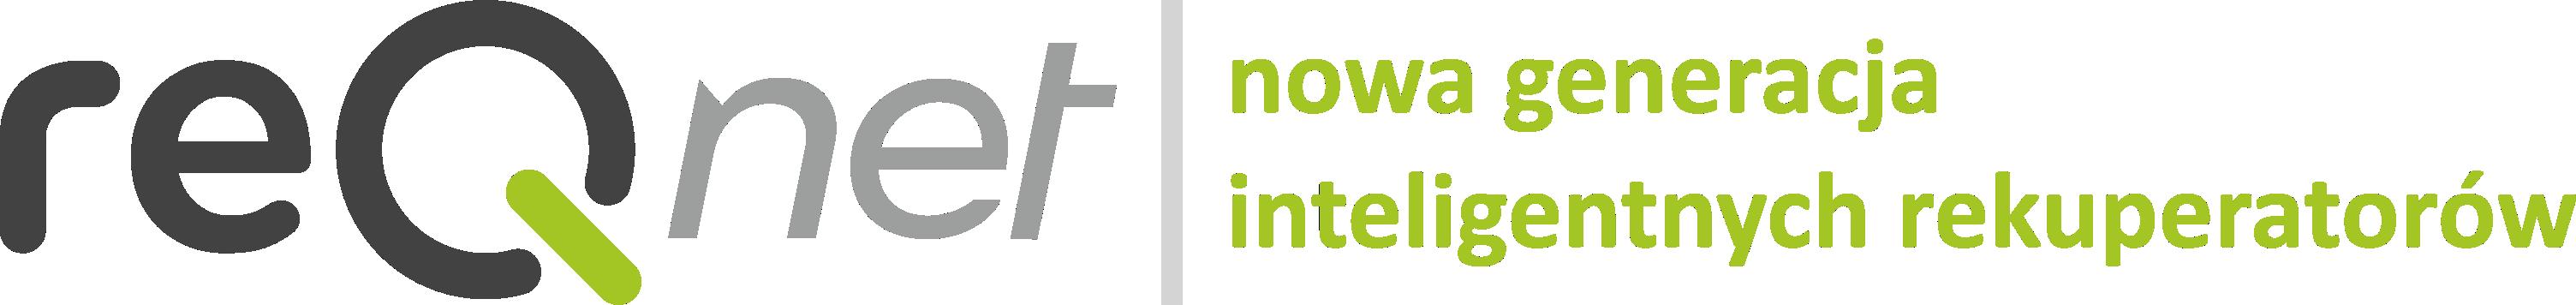 reQnet - nowa generacja inteligentnych rekuperatorów